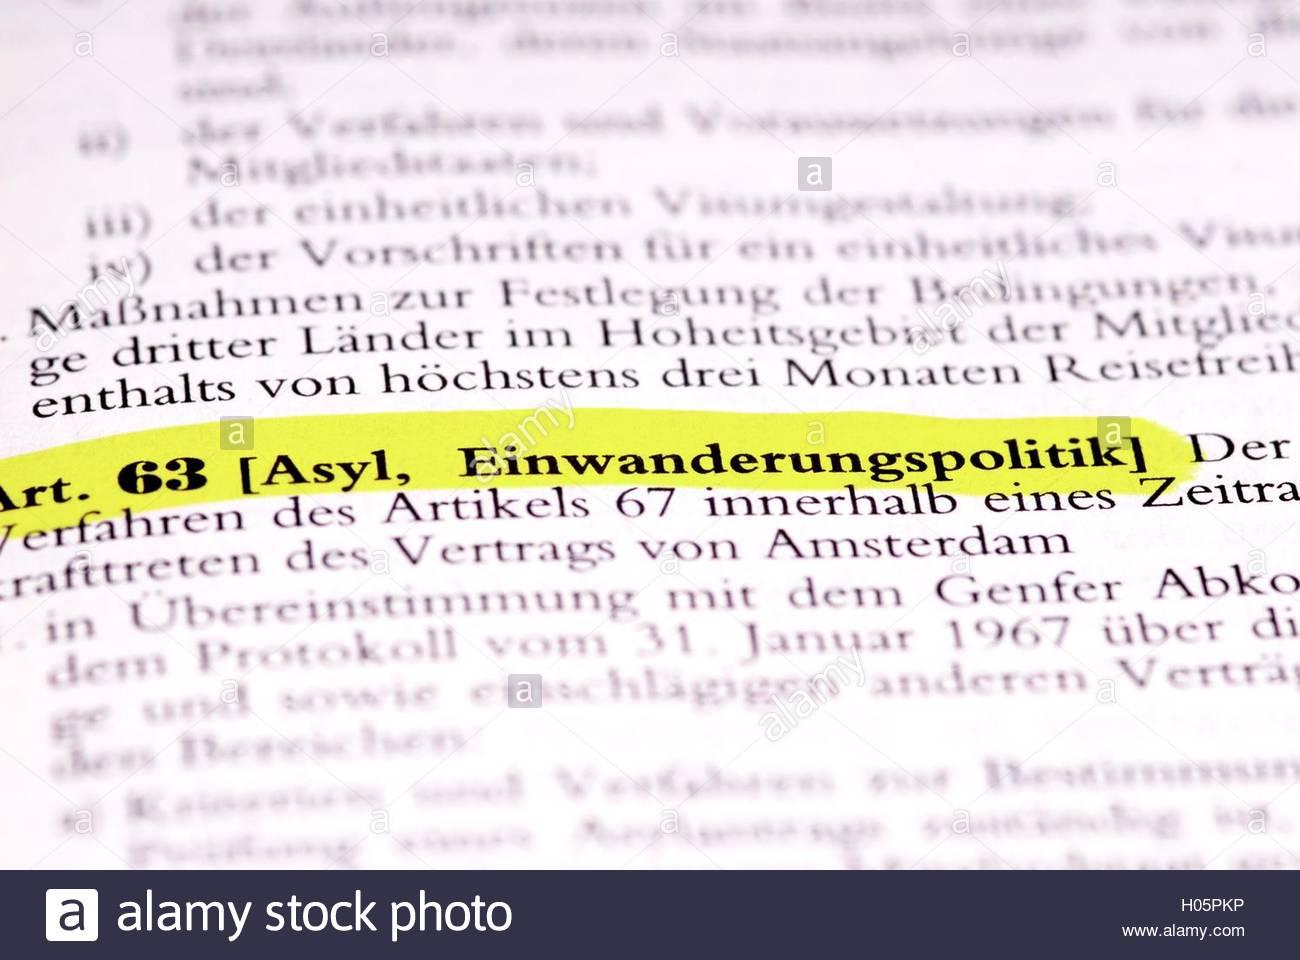 BLWX031299 [ (c) blickwinkel/McPHOTOx/Bernd Leitner Tel. +49 (0)2302-2793220, E-mail: info@blickwinkel.de, Internet: - Stock Image